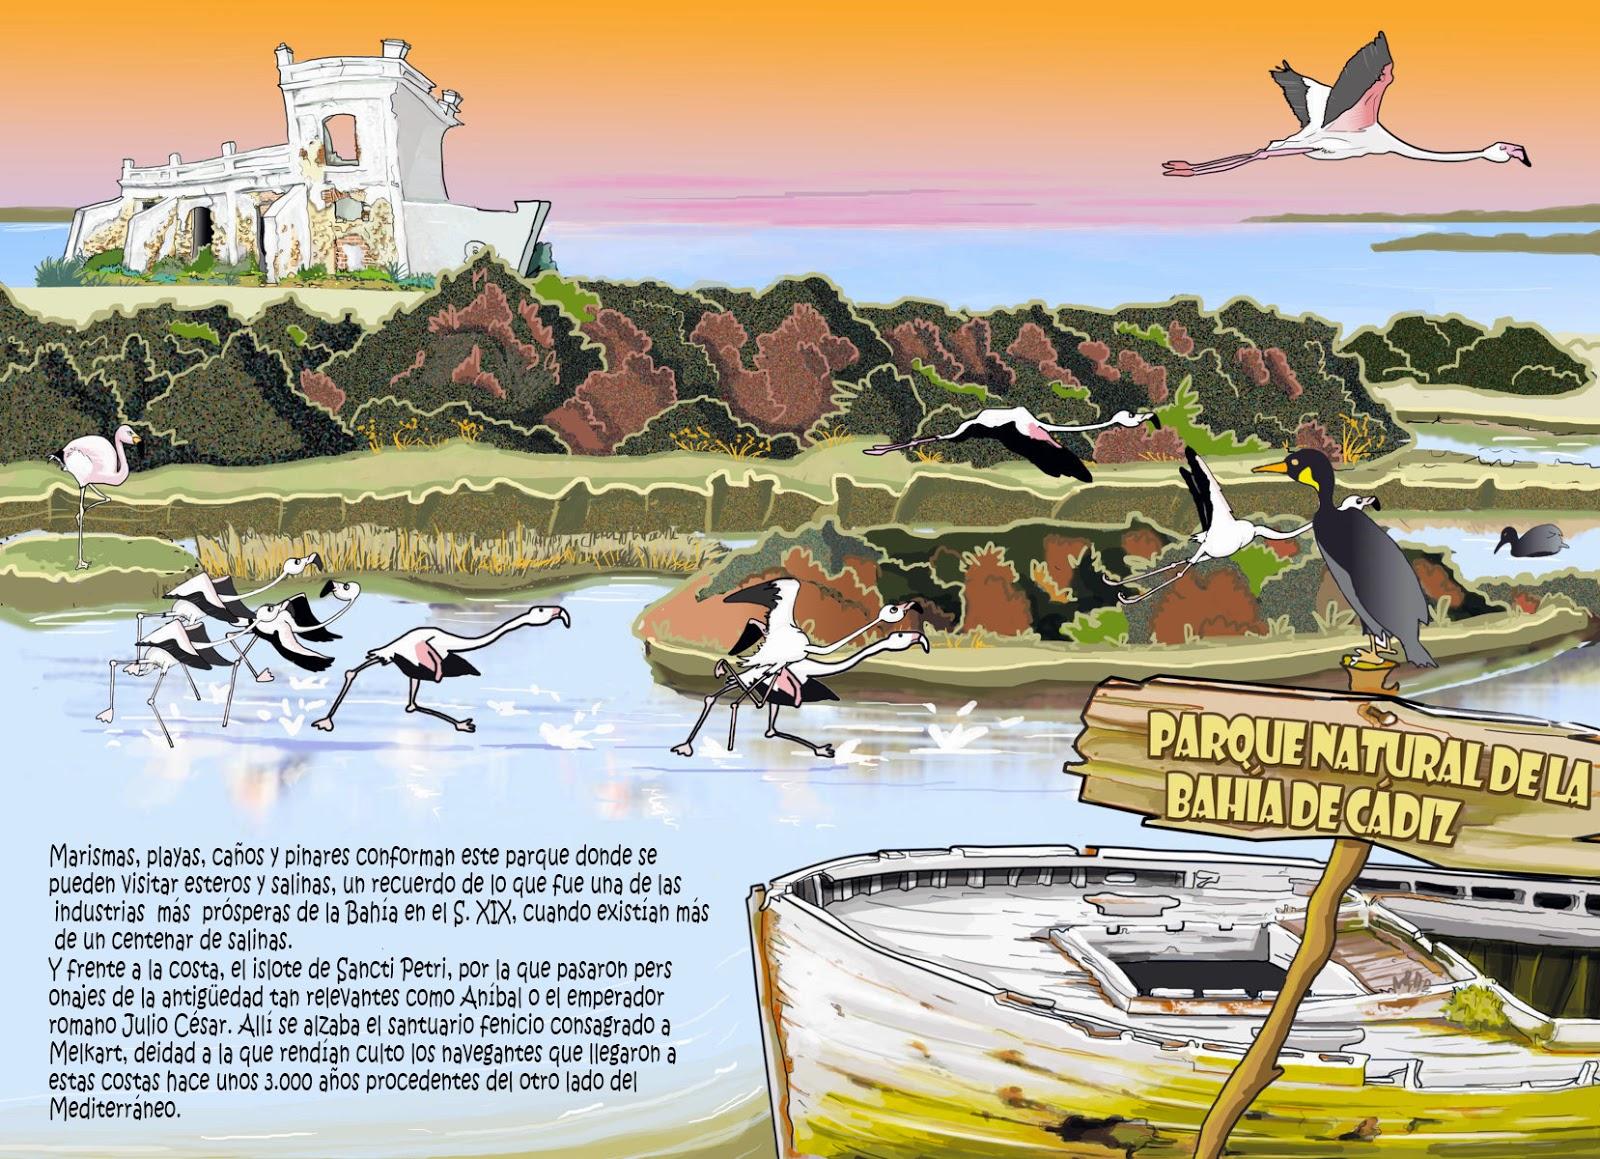 """<img src=""""Parque Natural Bahía Cádiz.jpg"""" alt=""""Parques Naturales en dibujo""""/>"""